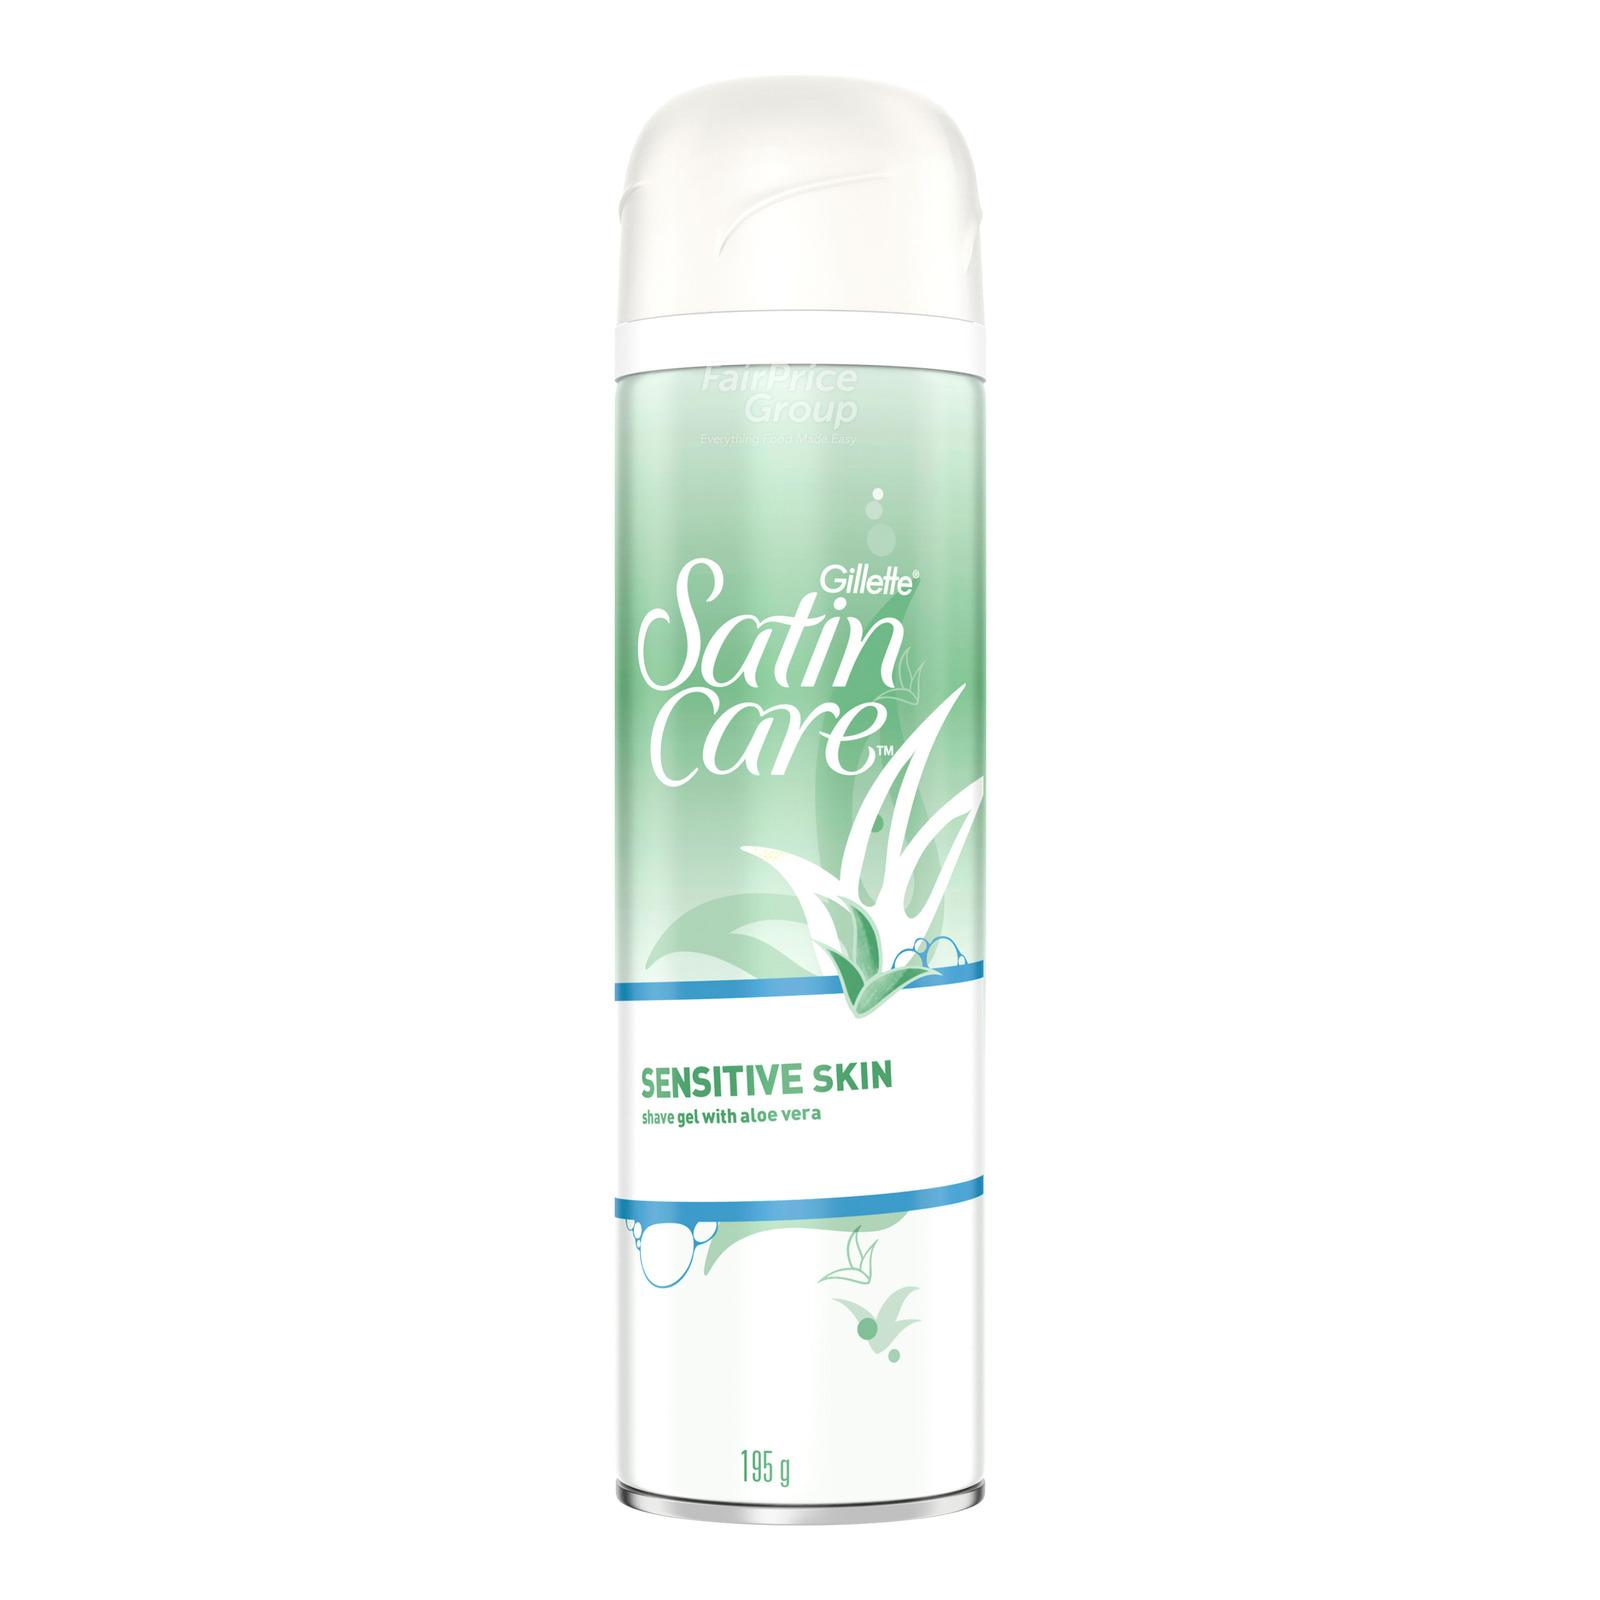 Gillette Satin Care Shave Gel - Sensitive Skin